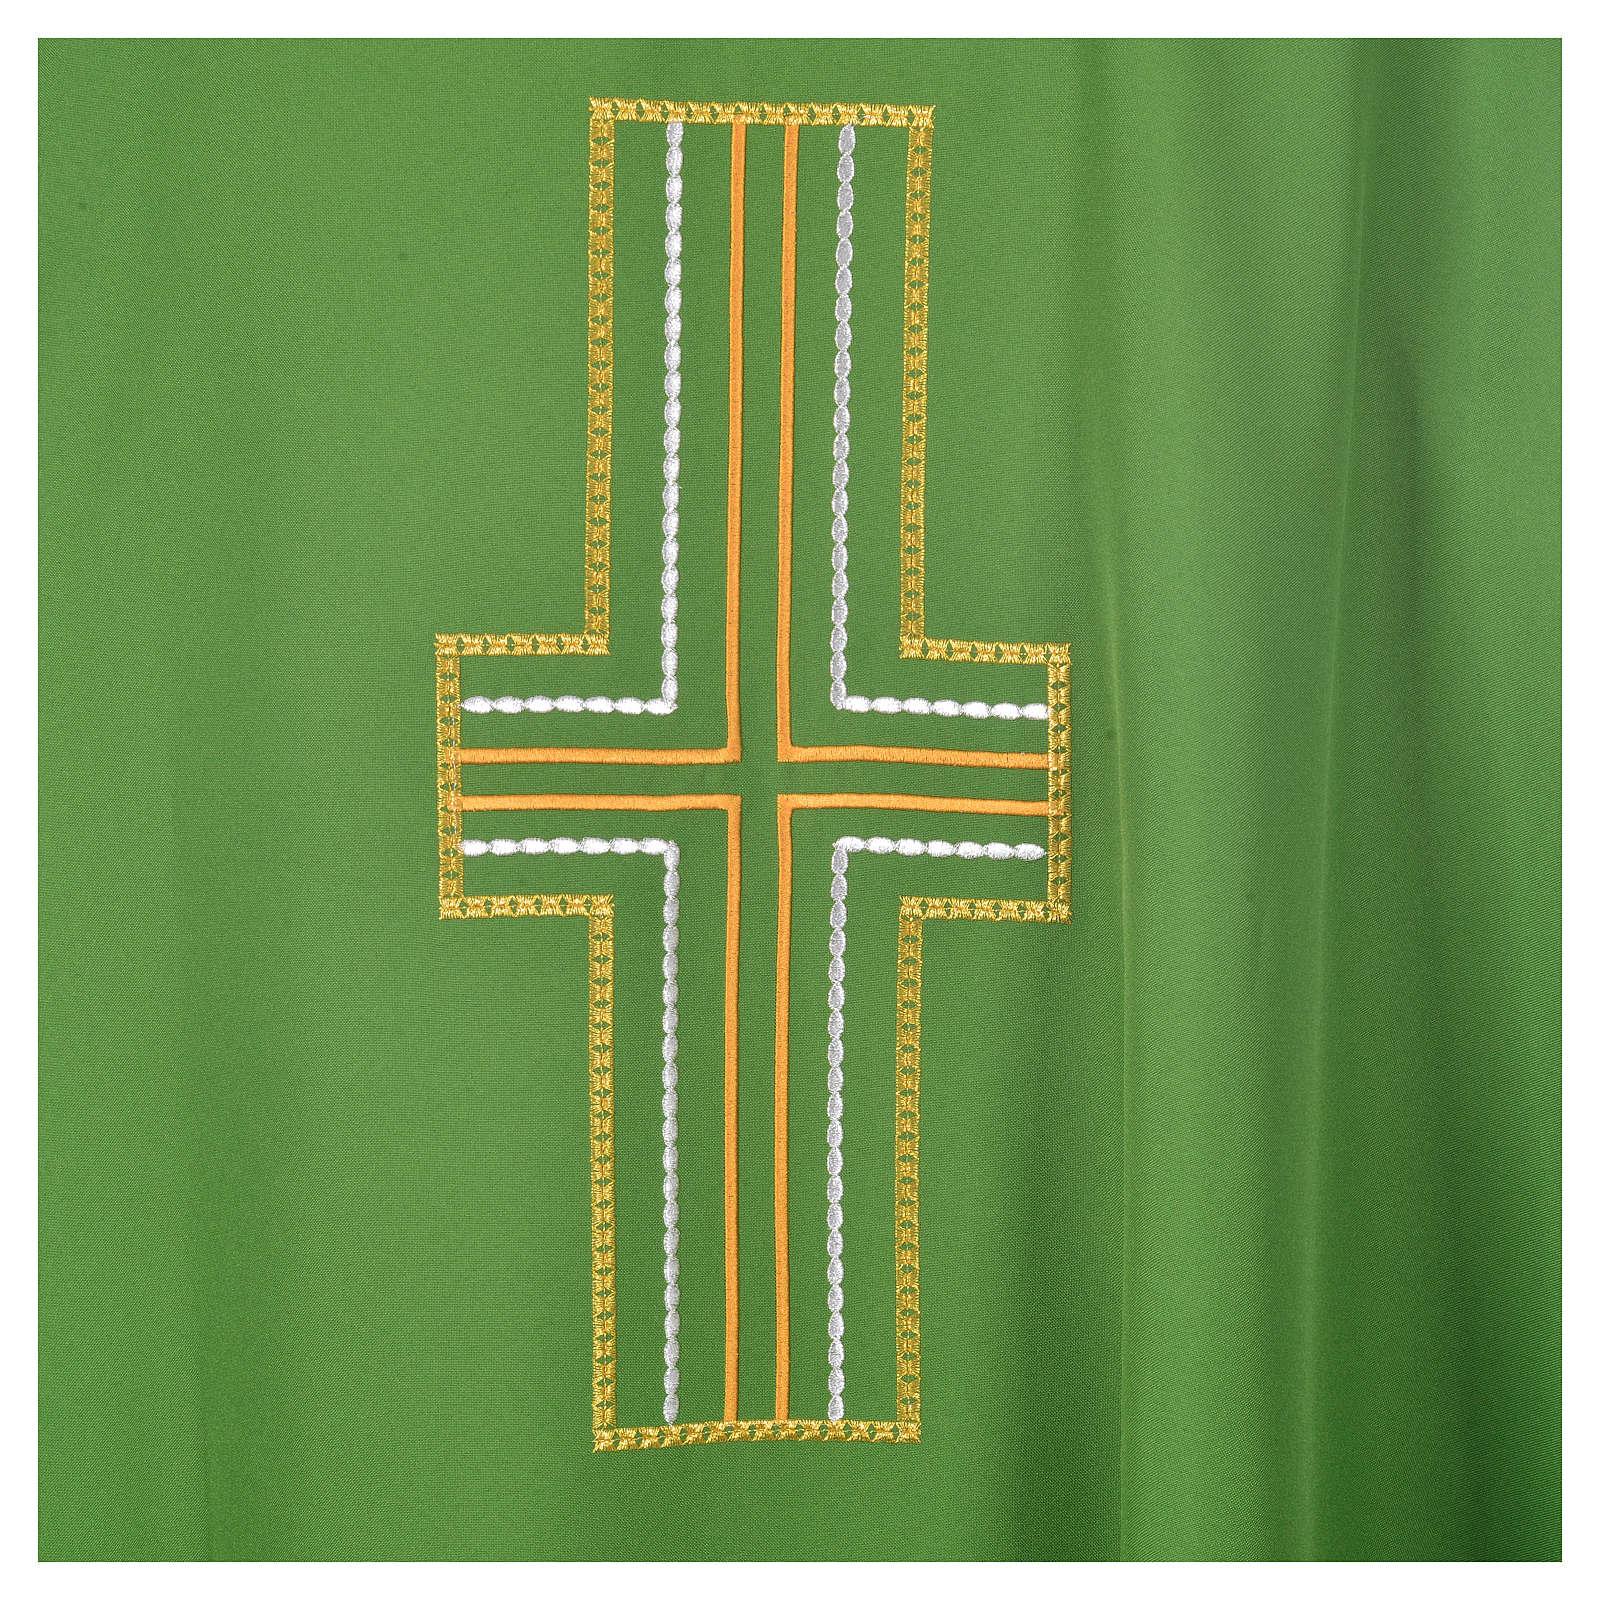 Casulla cruz blanca y dorada 100% poliéster 4